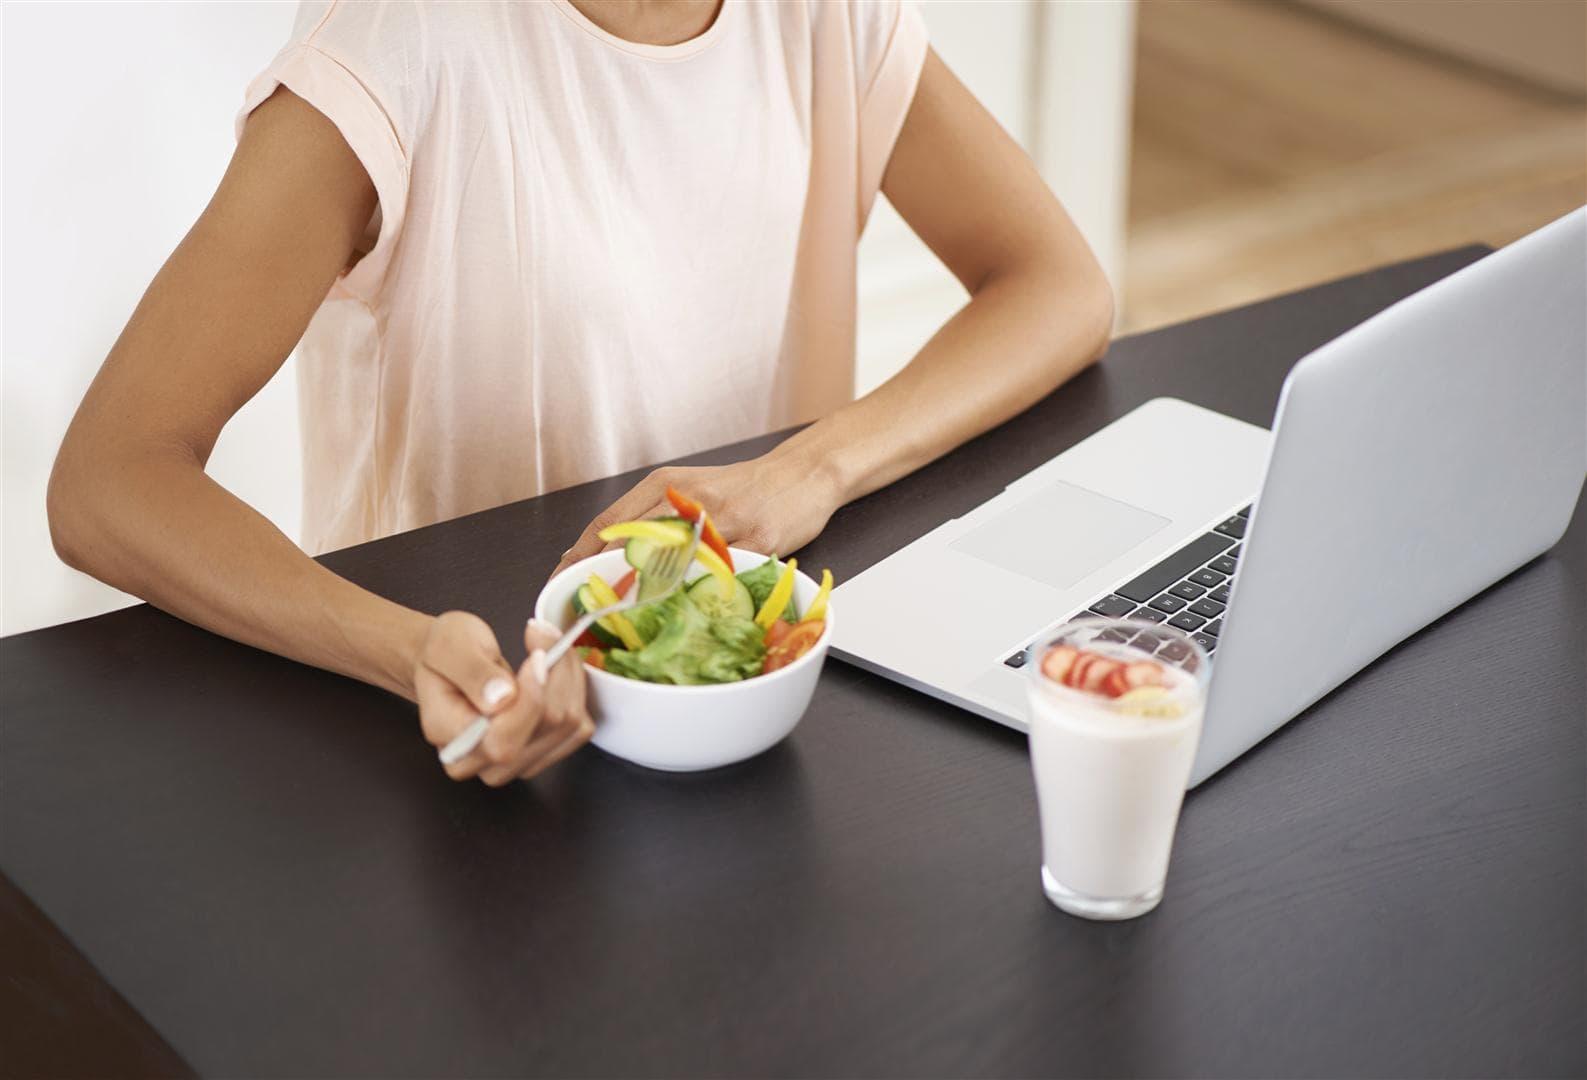 Pranzo Al Sacco Magro : Pausa pranzo come conciliare mangiar sano e poco tempo a